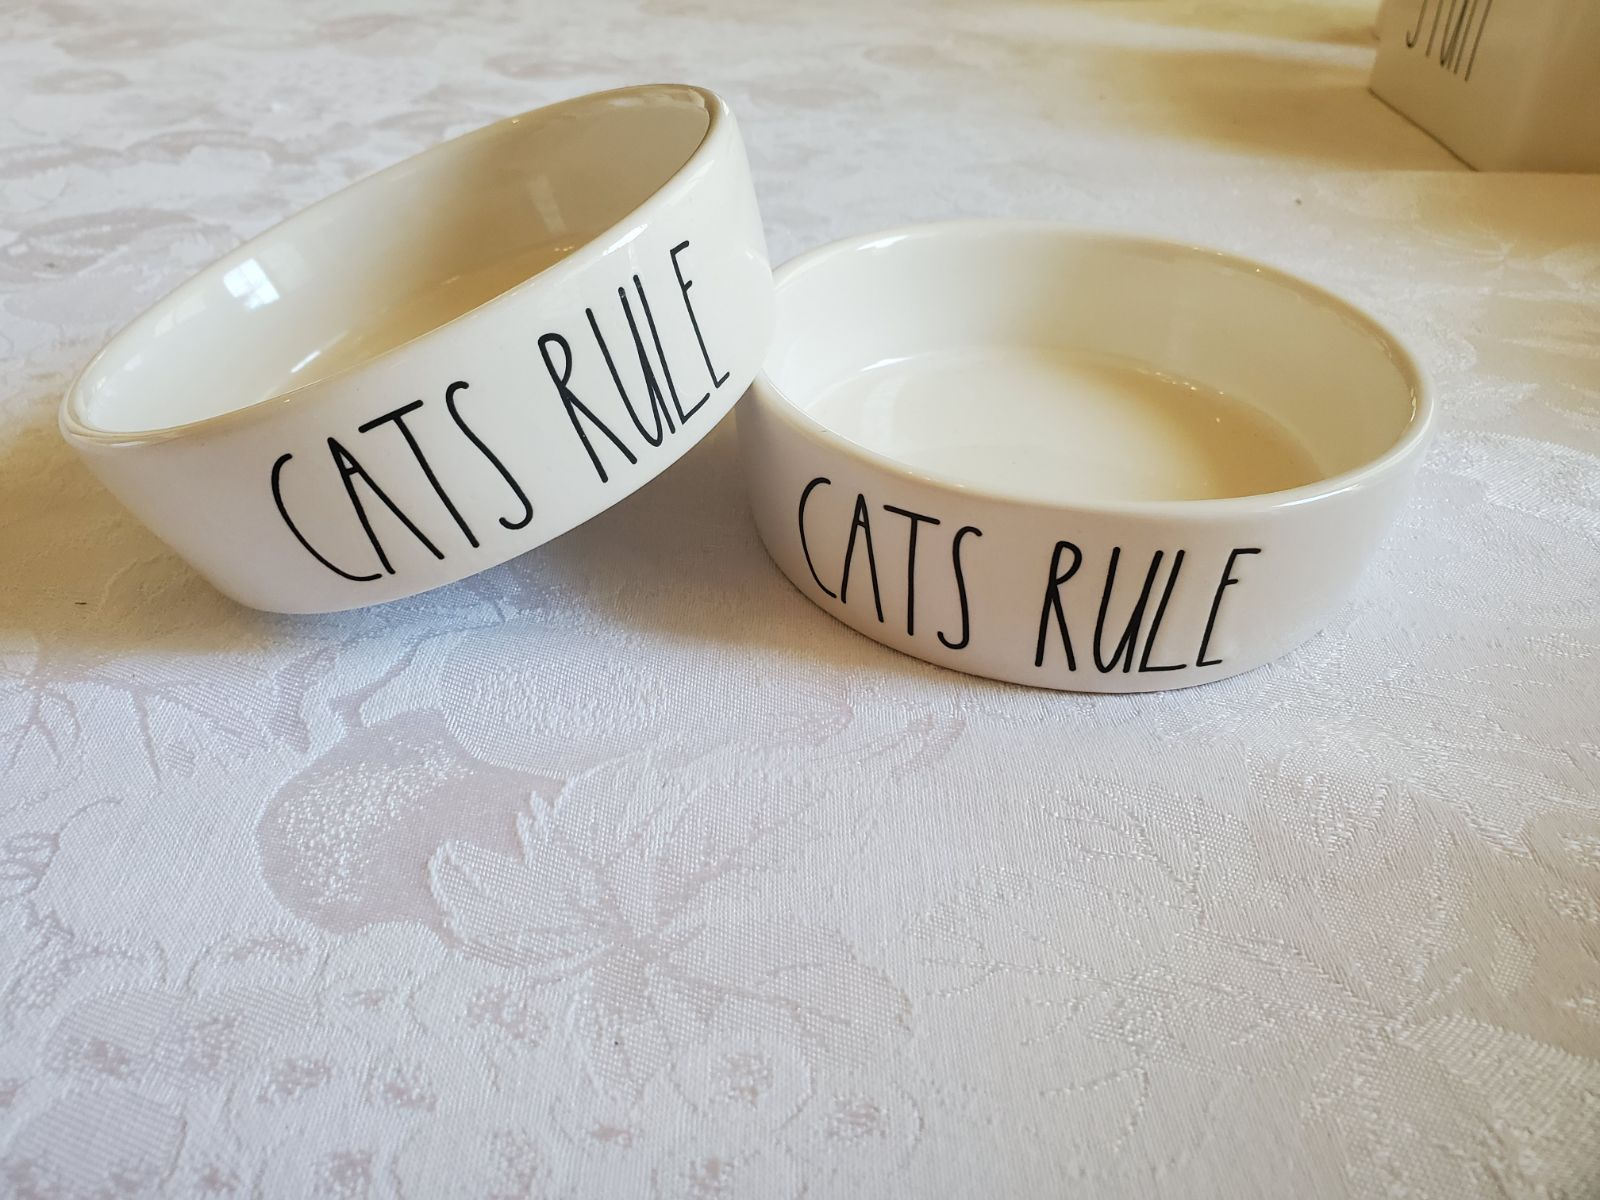 Rae Dunn Cat Bowl